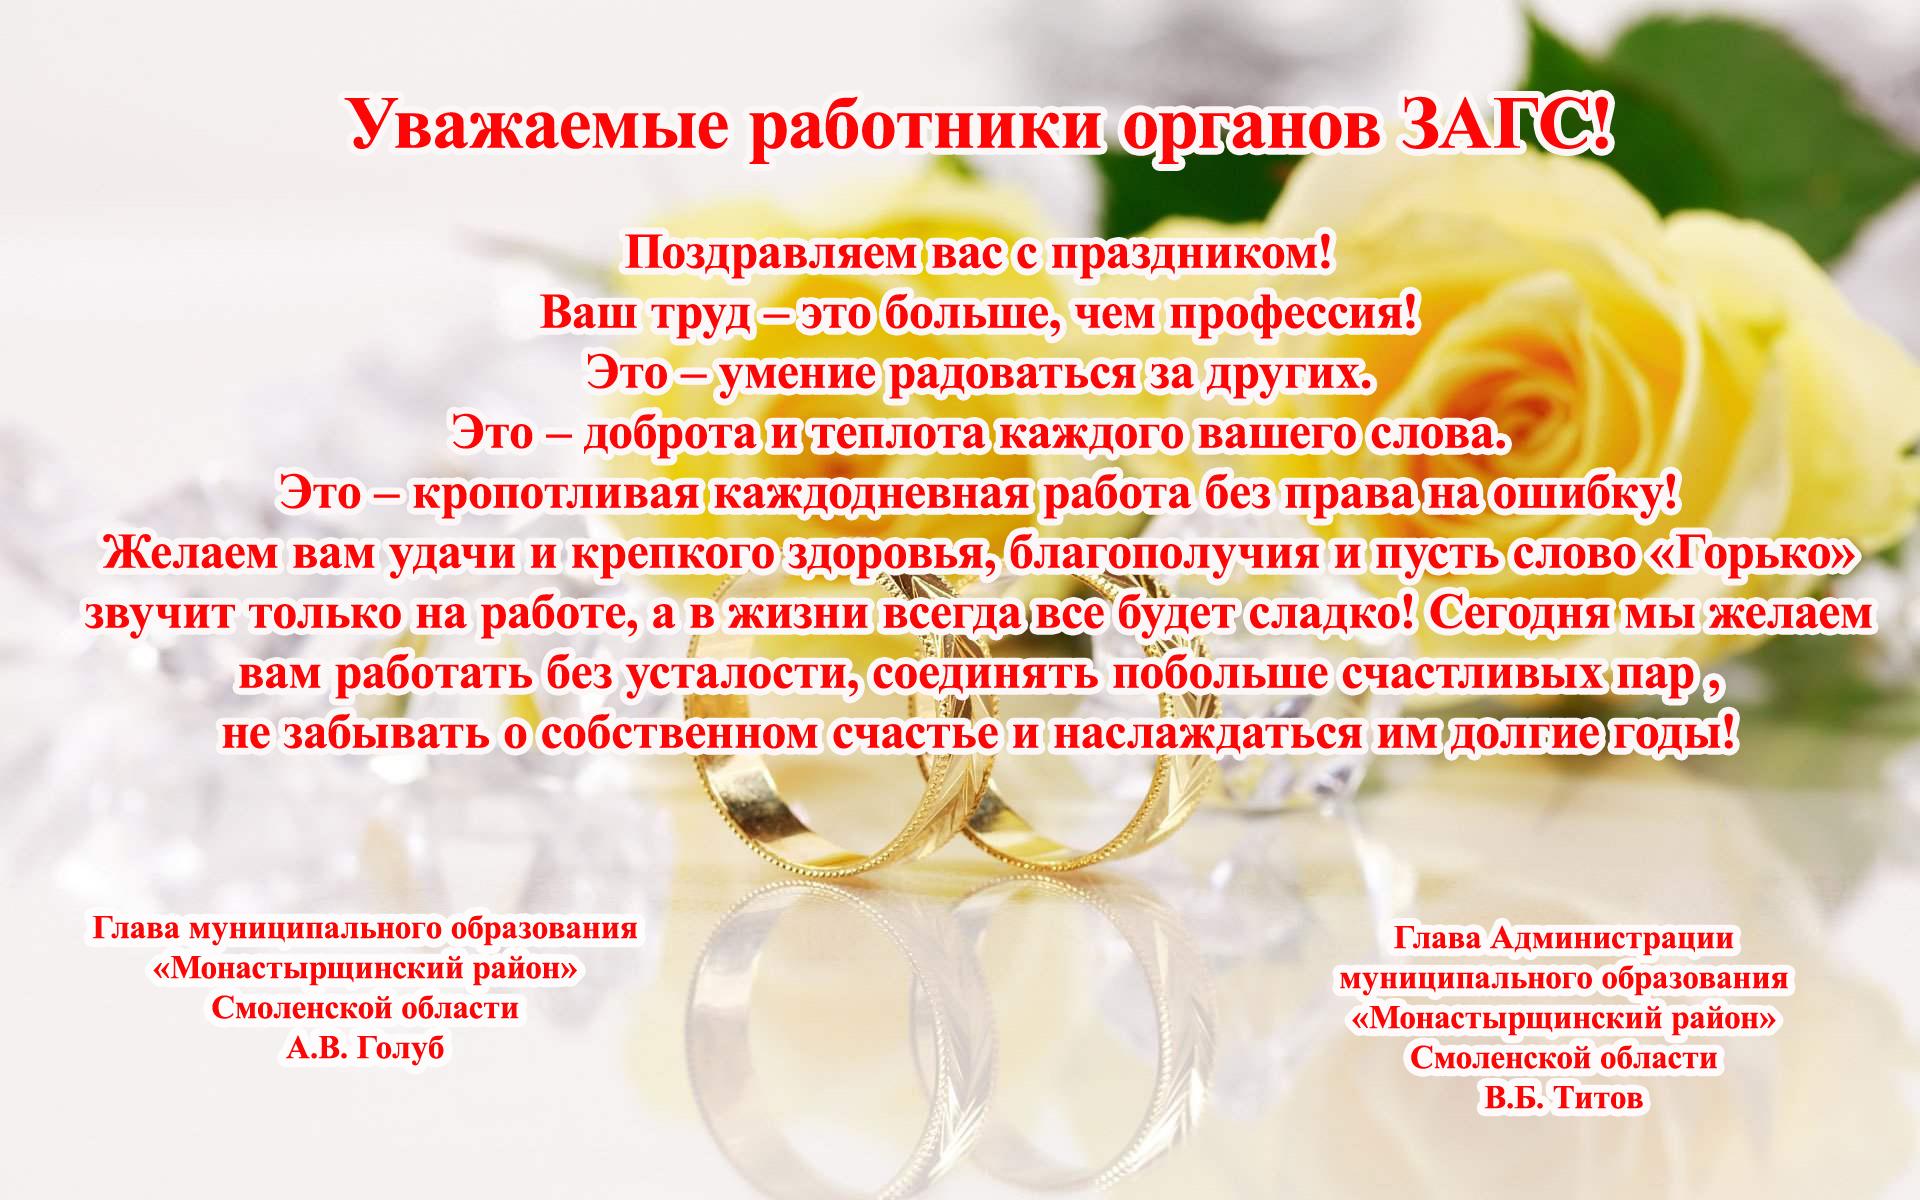 Какая программа на День города Москвы 2014? Куда пойти